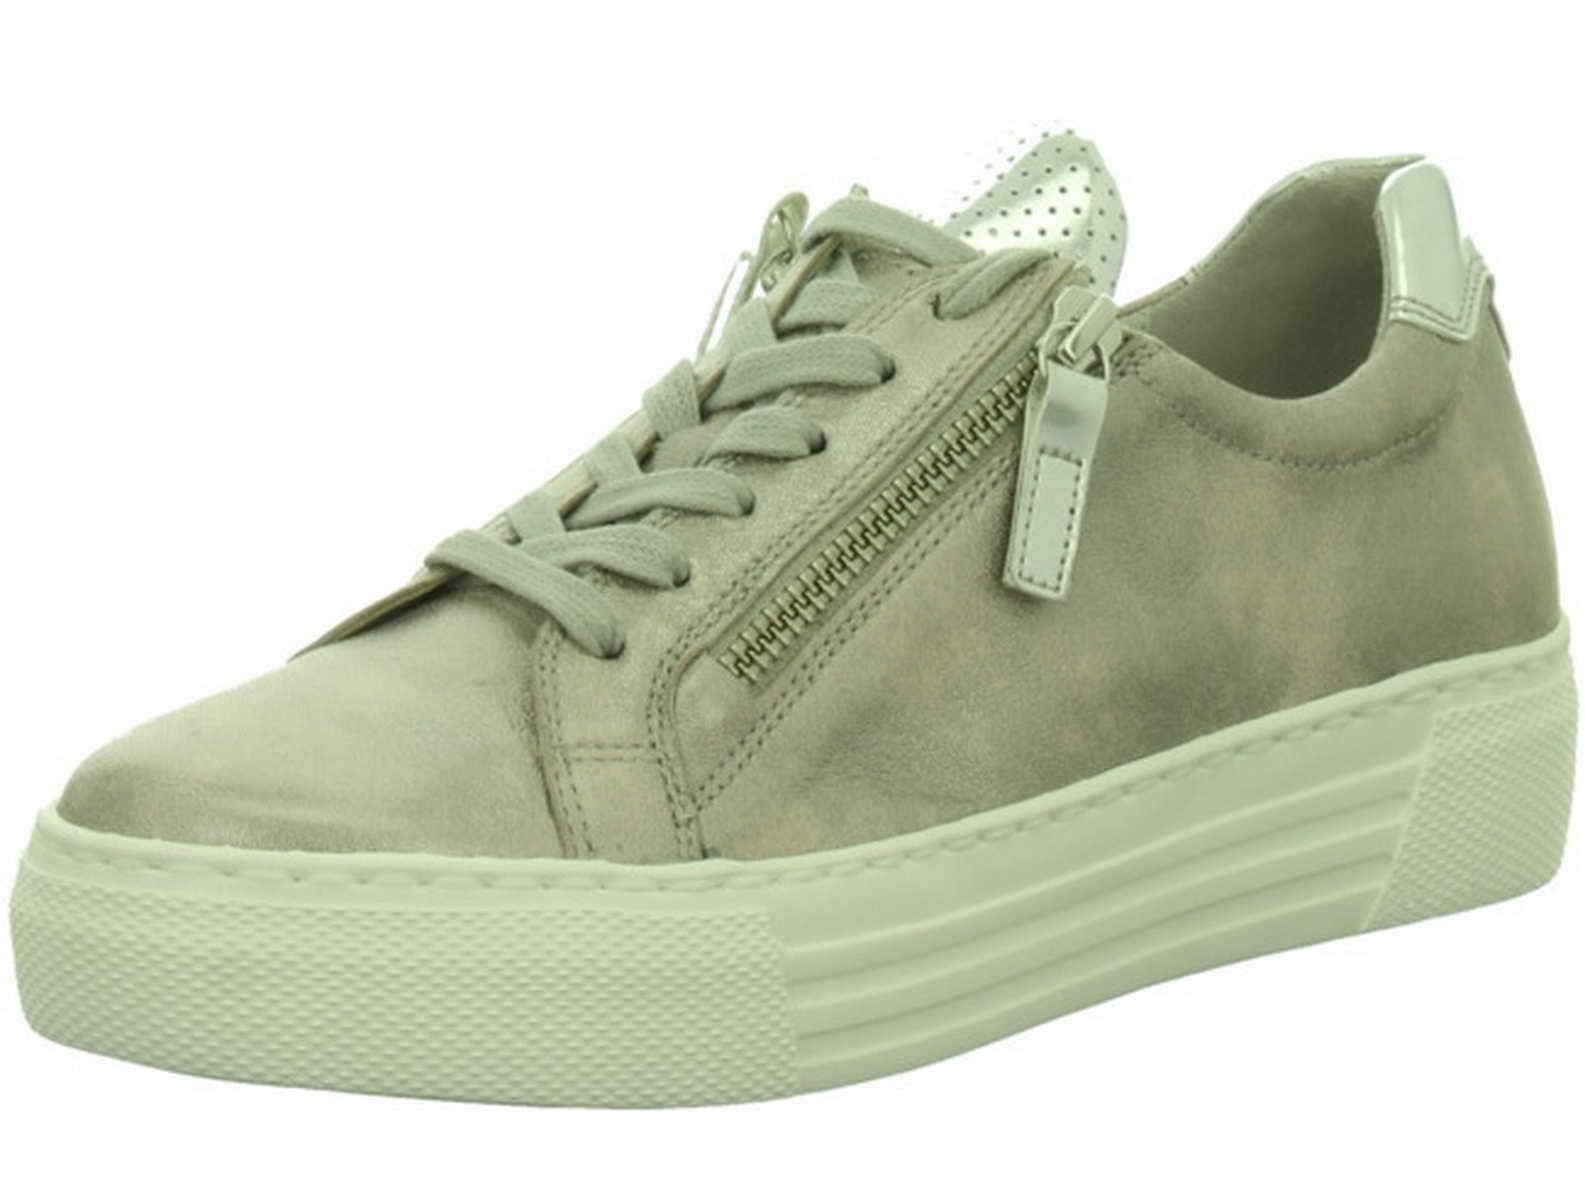 Gabor Comfort Sneaker grey silver pink Leder Reißverschluß 468 62 Weite G